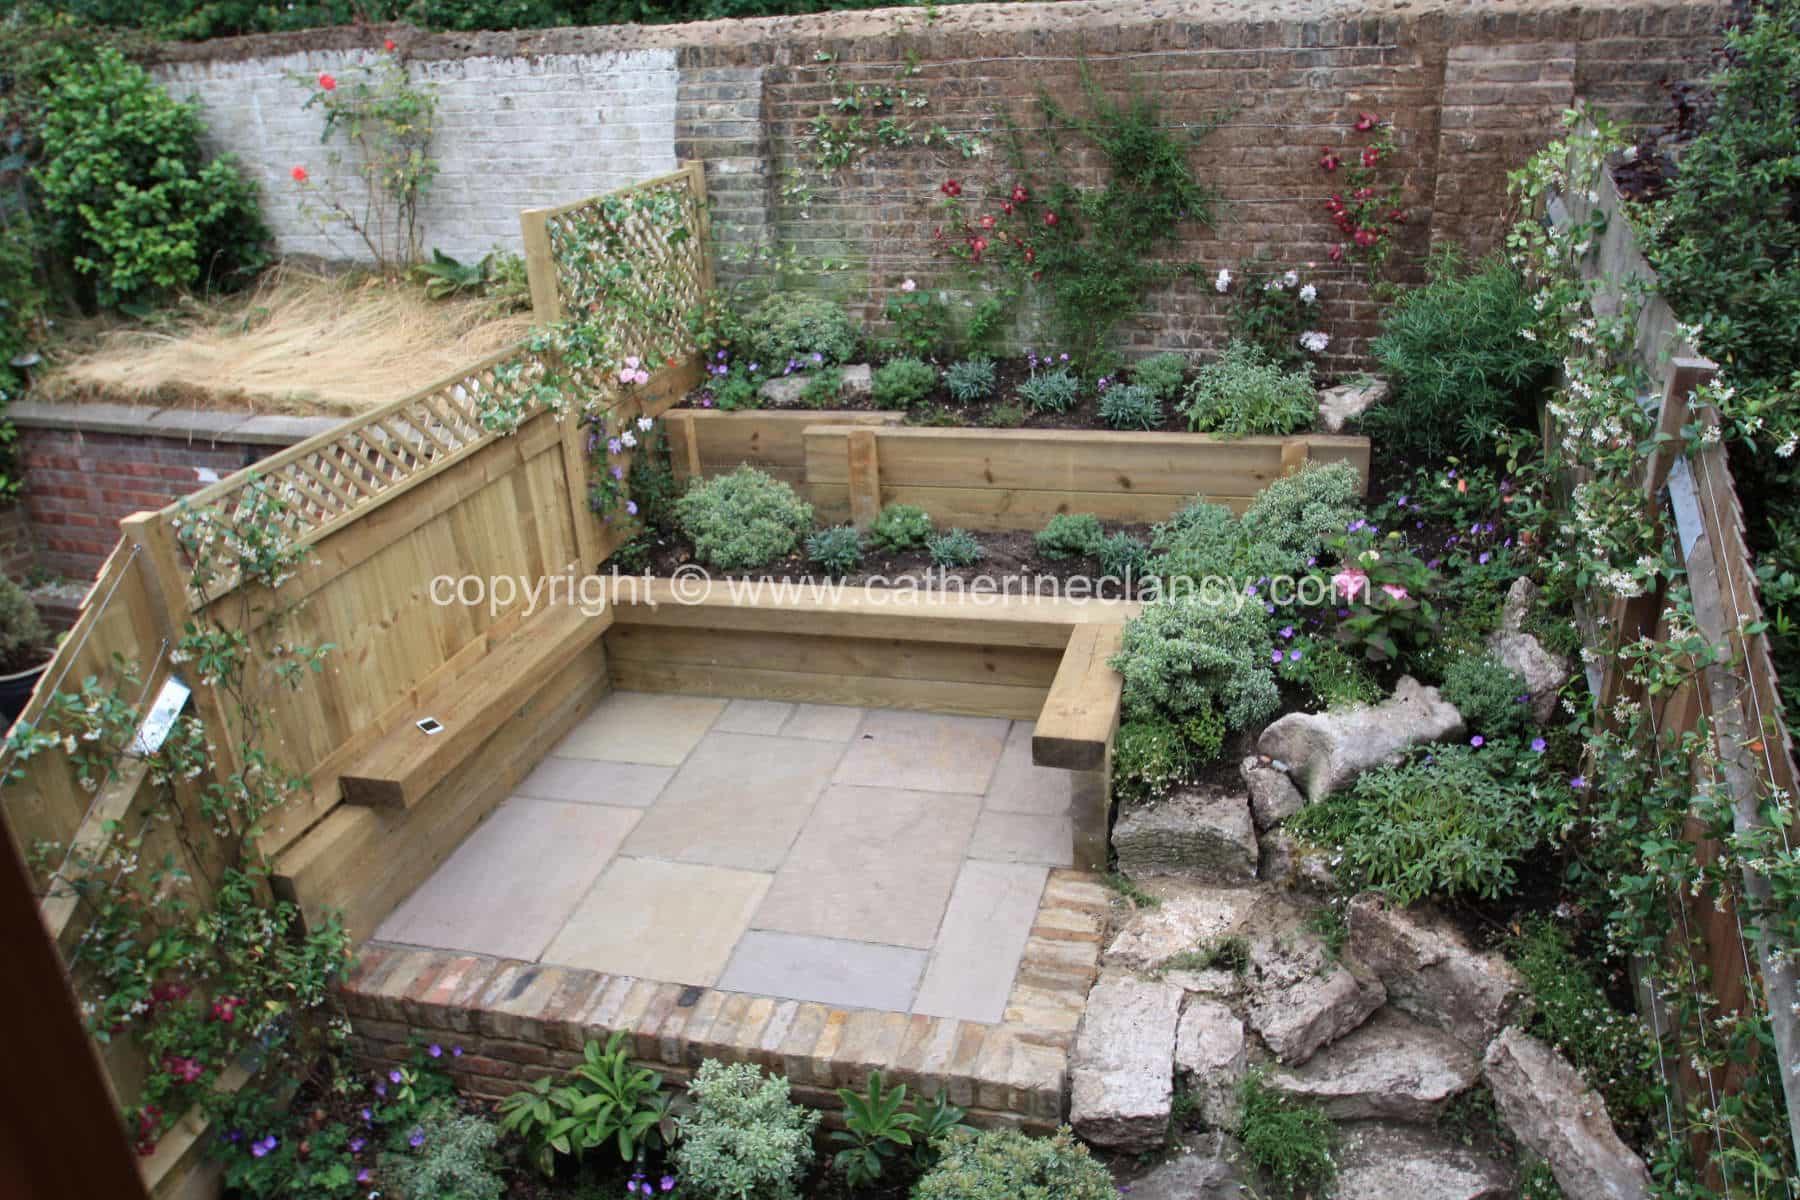 Greenwich Terraced Garden 7